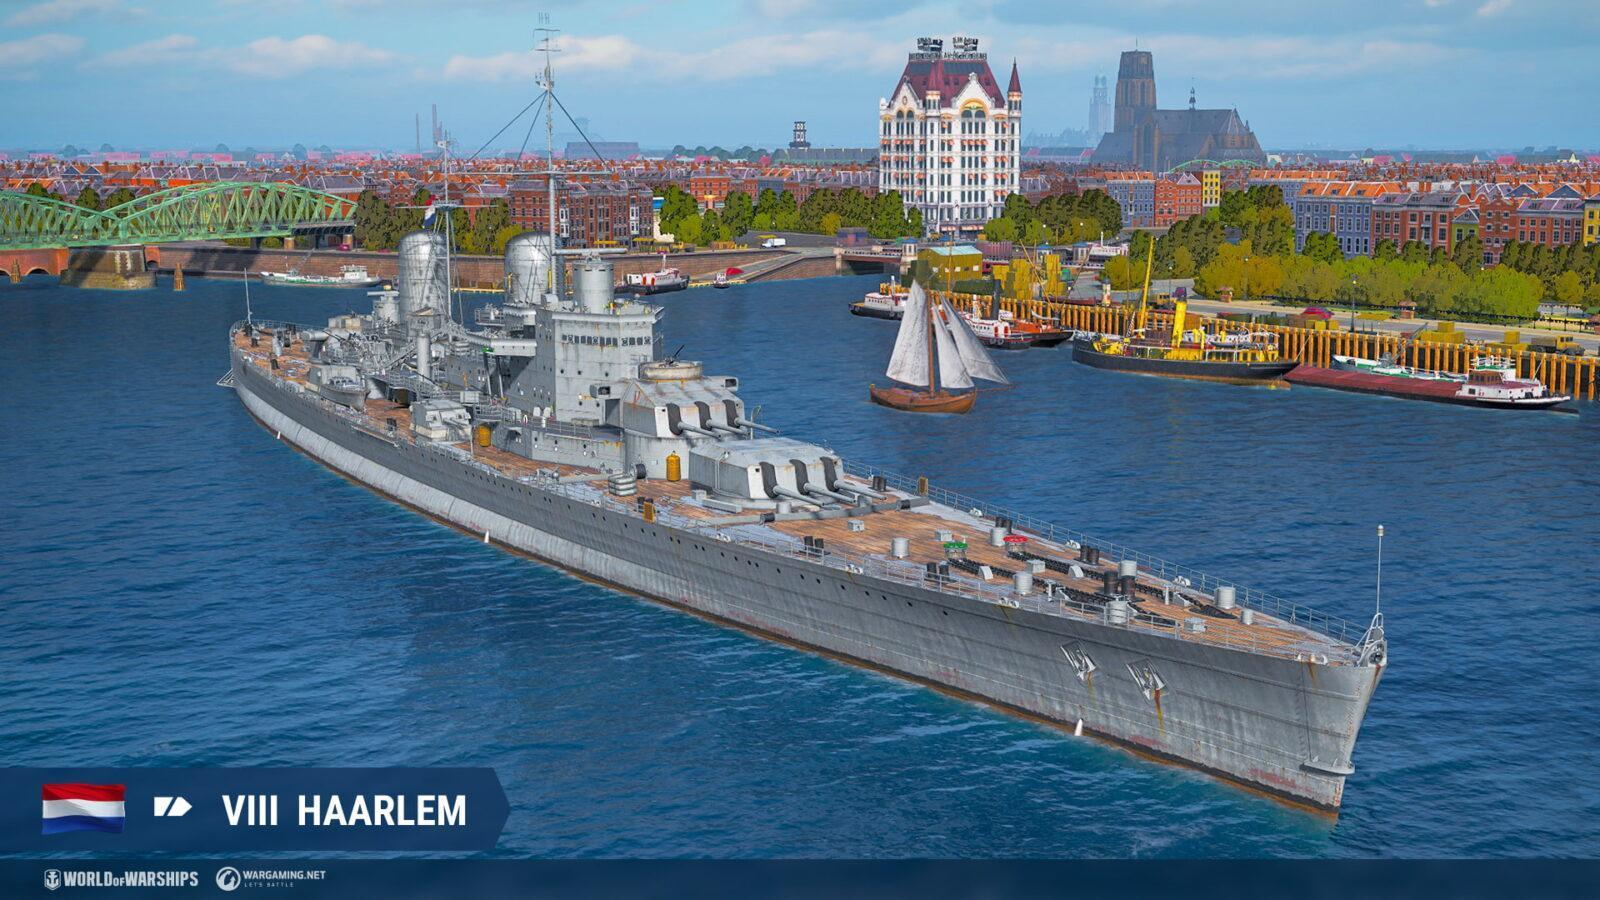 Крейсеры Нидерландов появятся в раннем доступе в World of Warships (haarlem nl t8 ca screenshots realease 0 10 6 1920x1080 wg spb wows 1)